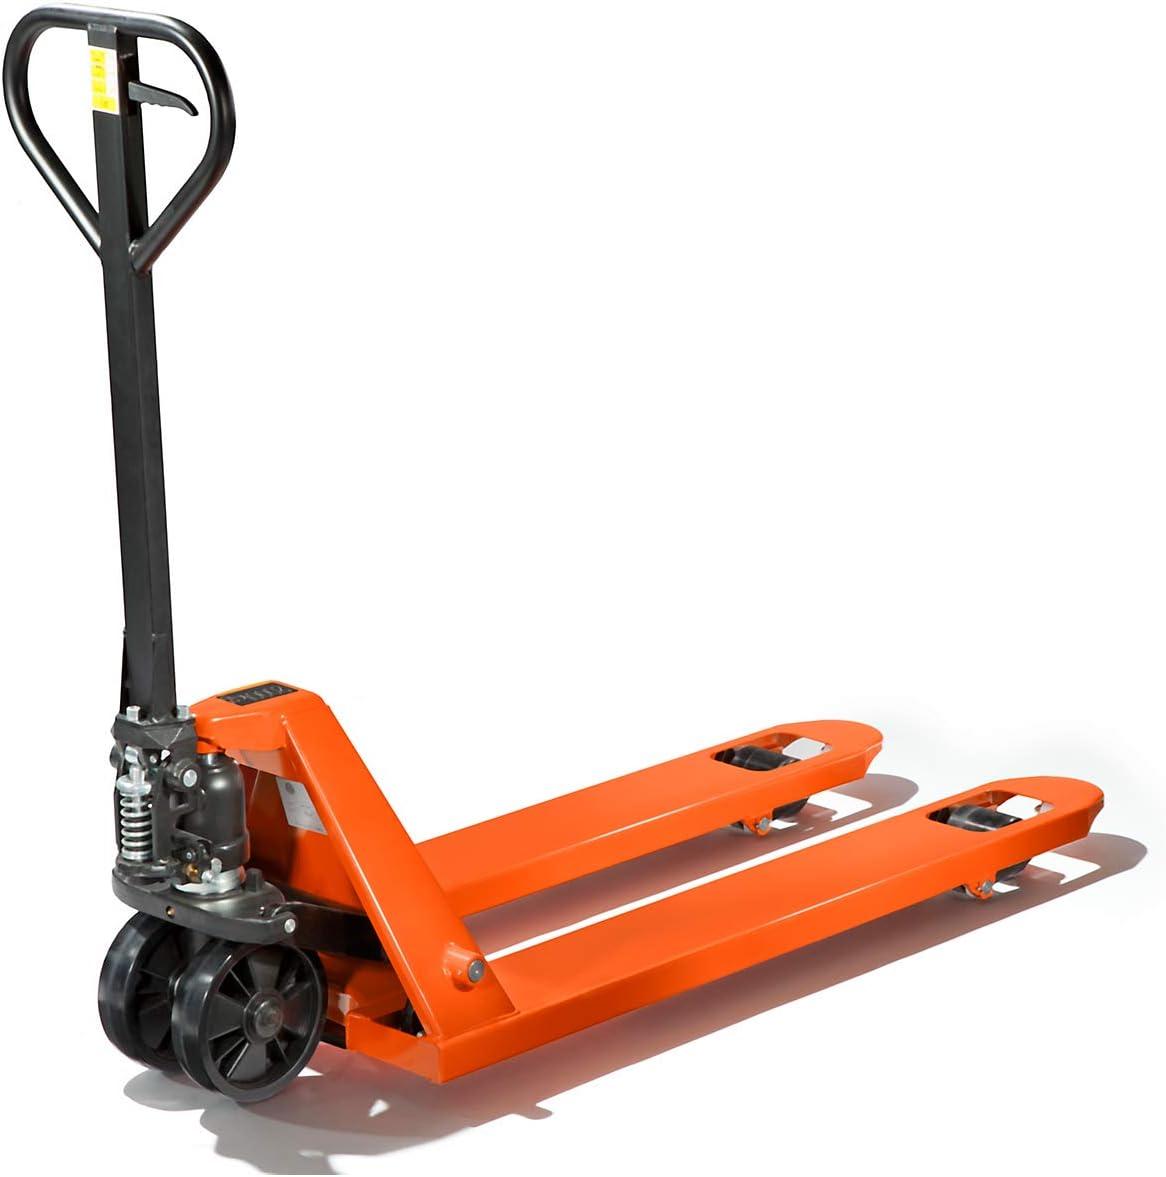 roue directrice /à bandage polyur/éthane galets simples en polyur/éthane Transpalette Chariot manutention Transpalette indutriel Transpalette force 2000 kg